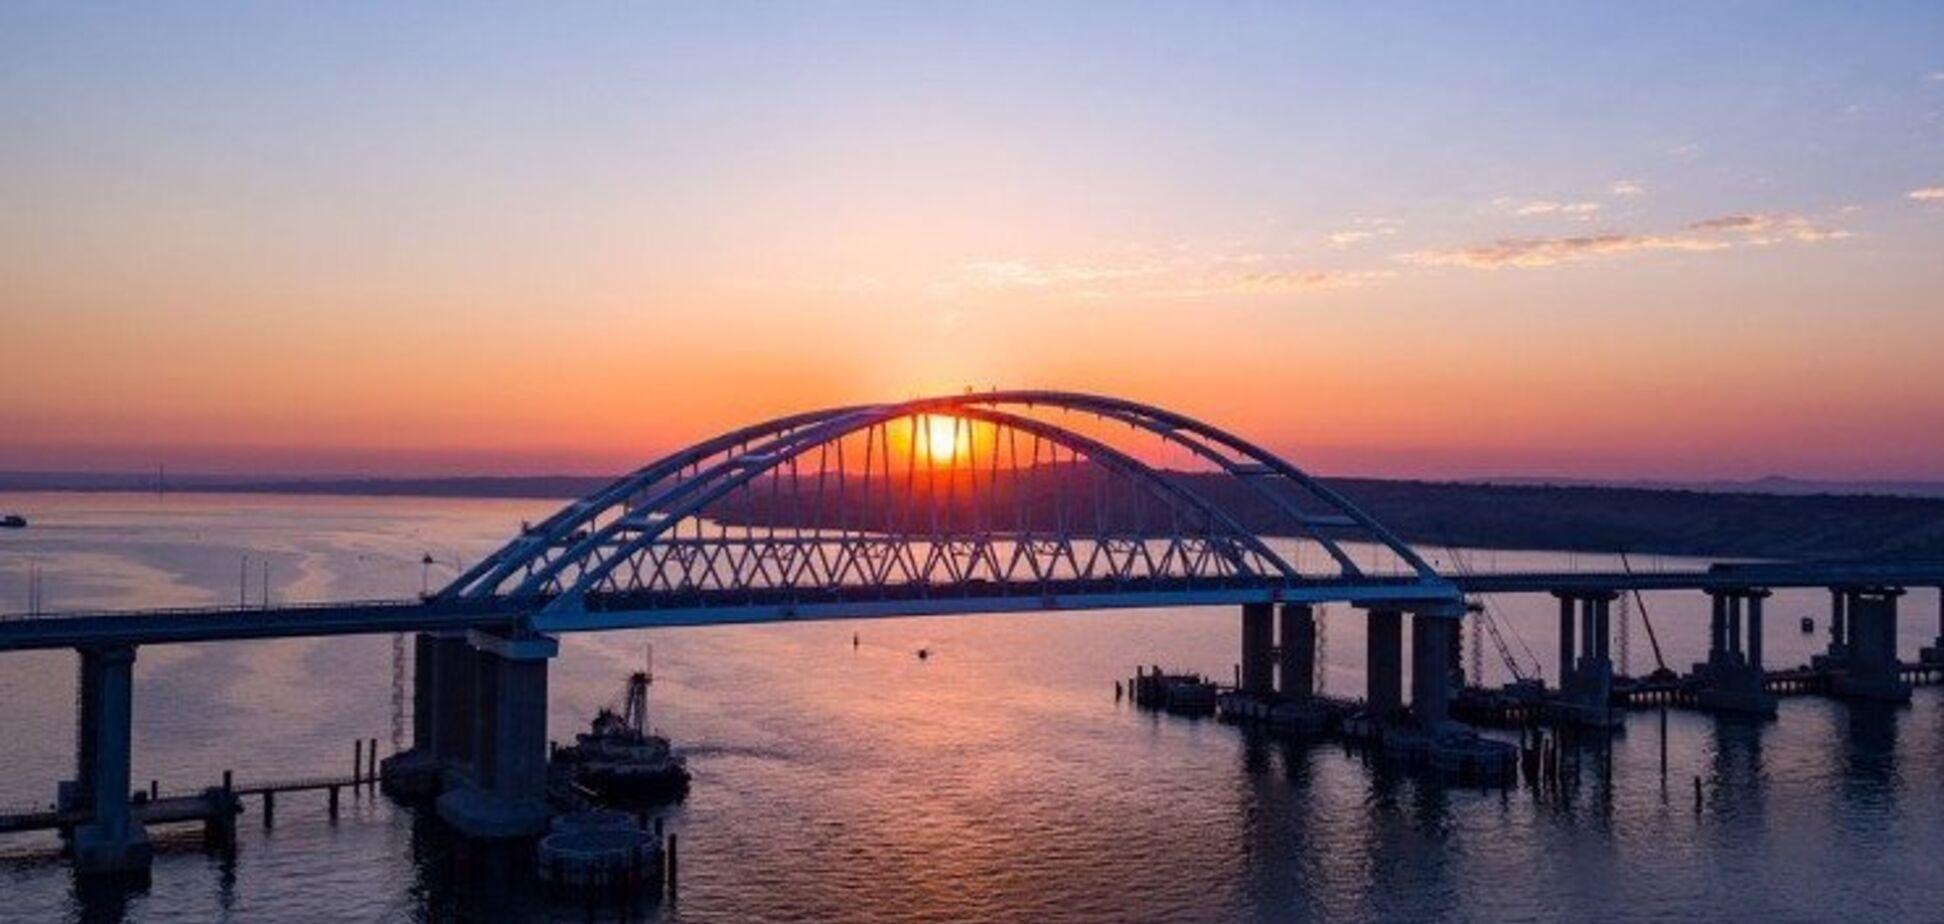 'Міна уповільненої дії': озвучено важливий нюанс щодо Кримського мосту